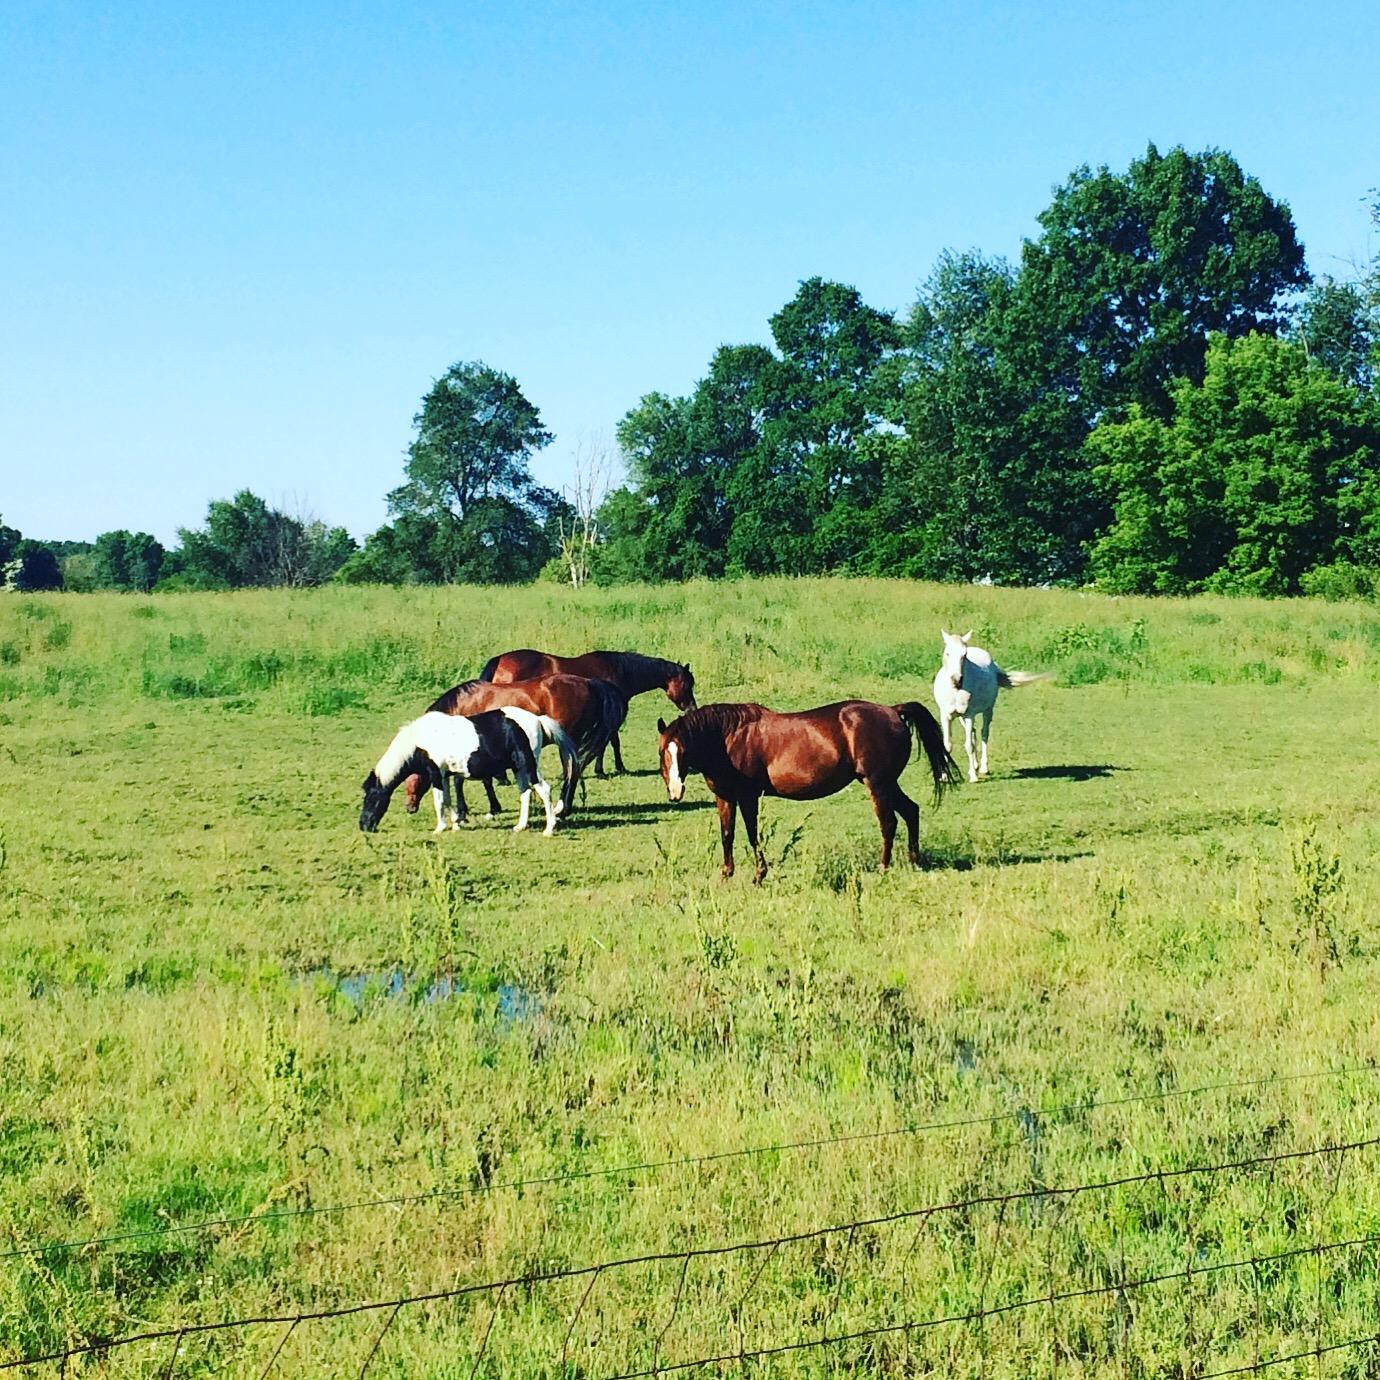 HORSES MONTGOMERY.JPG